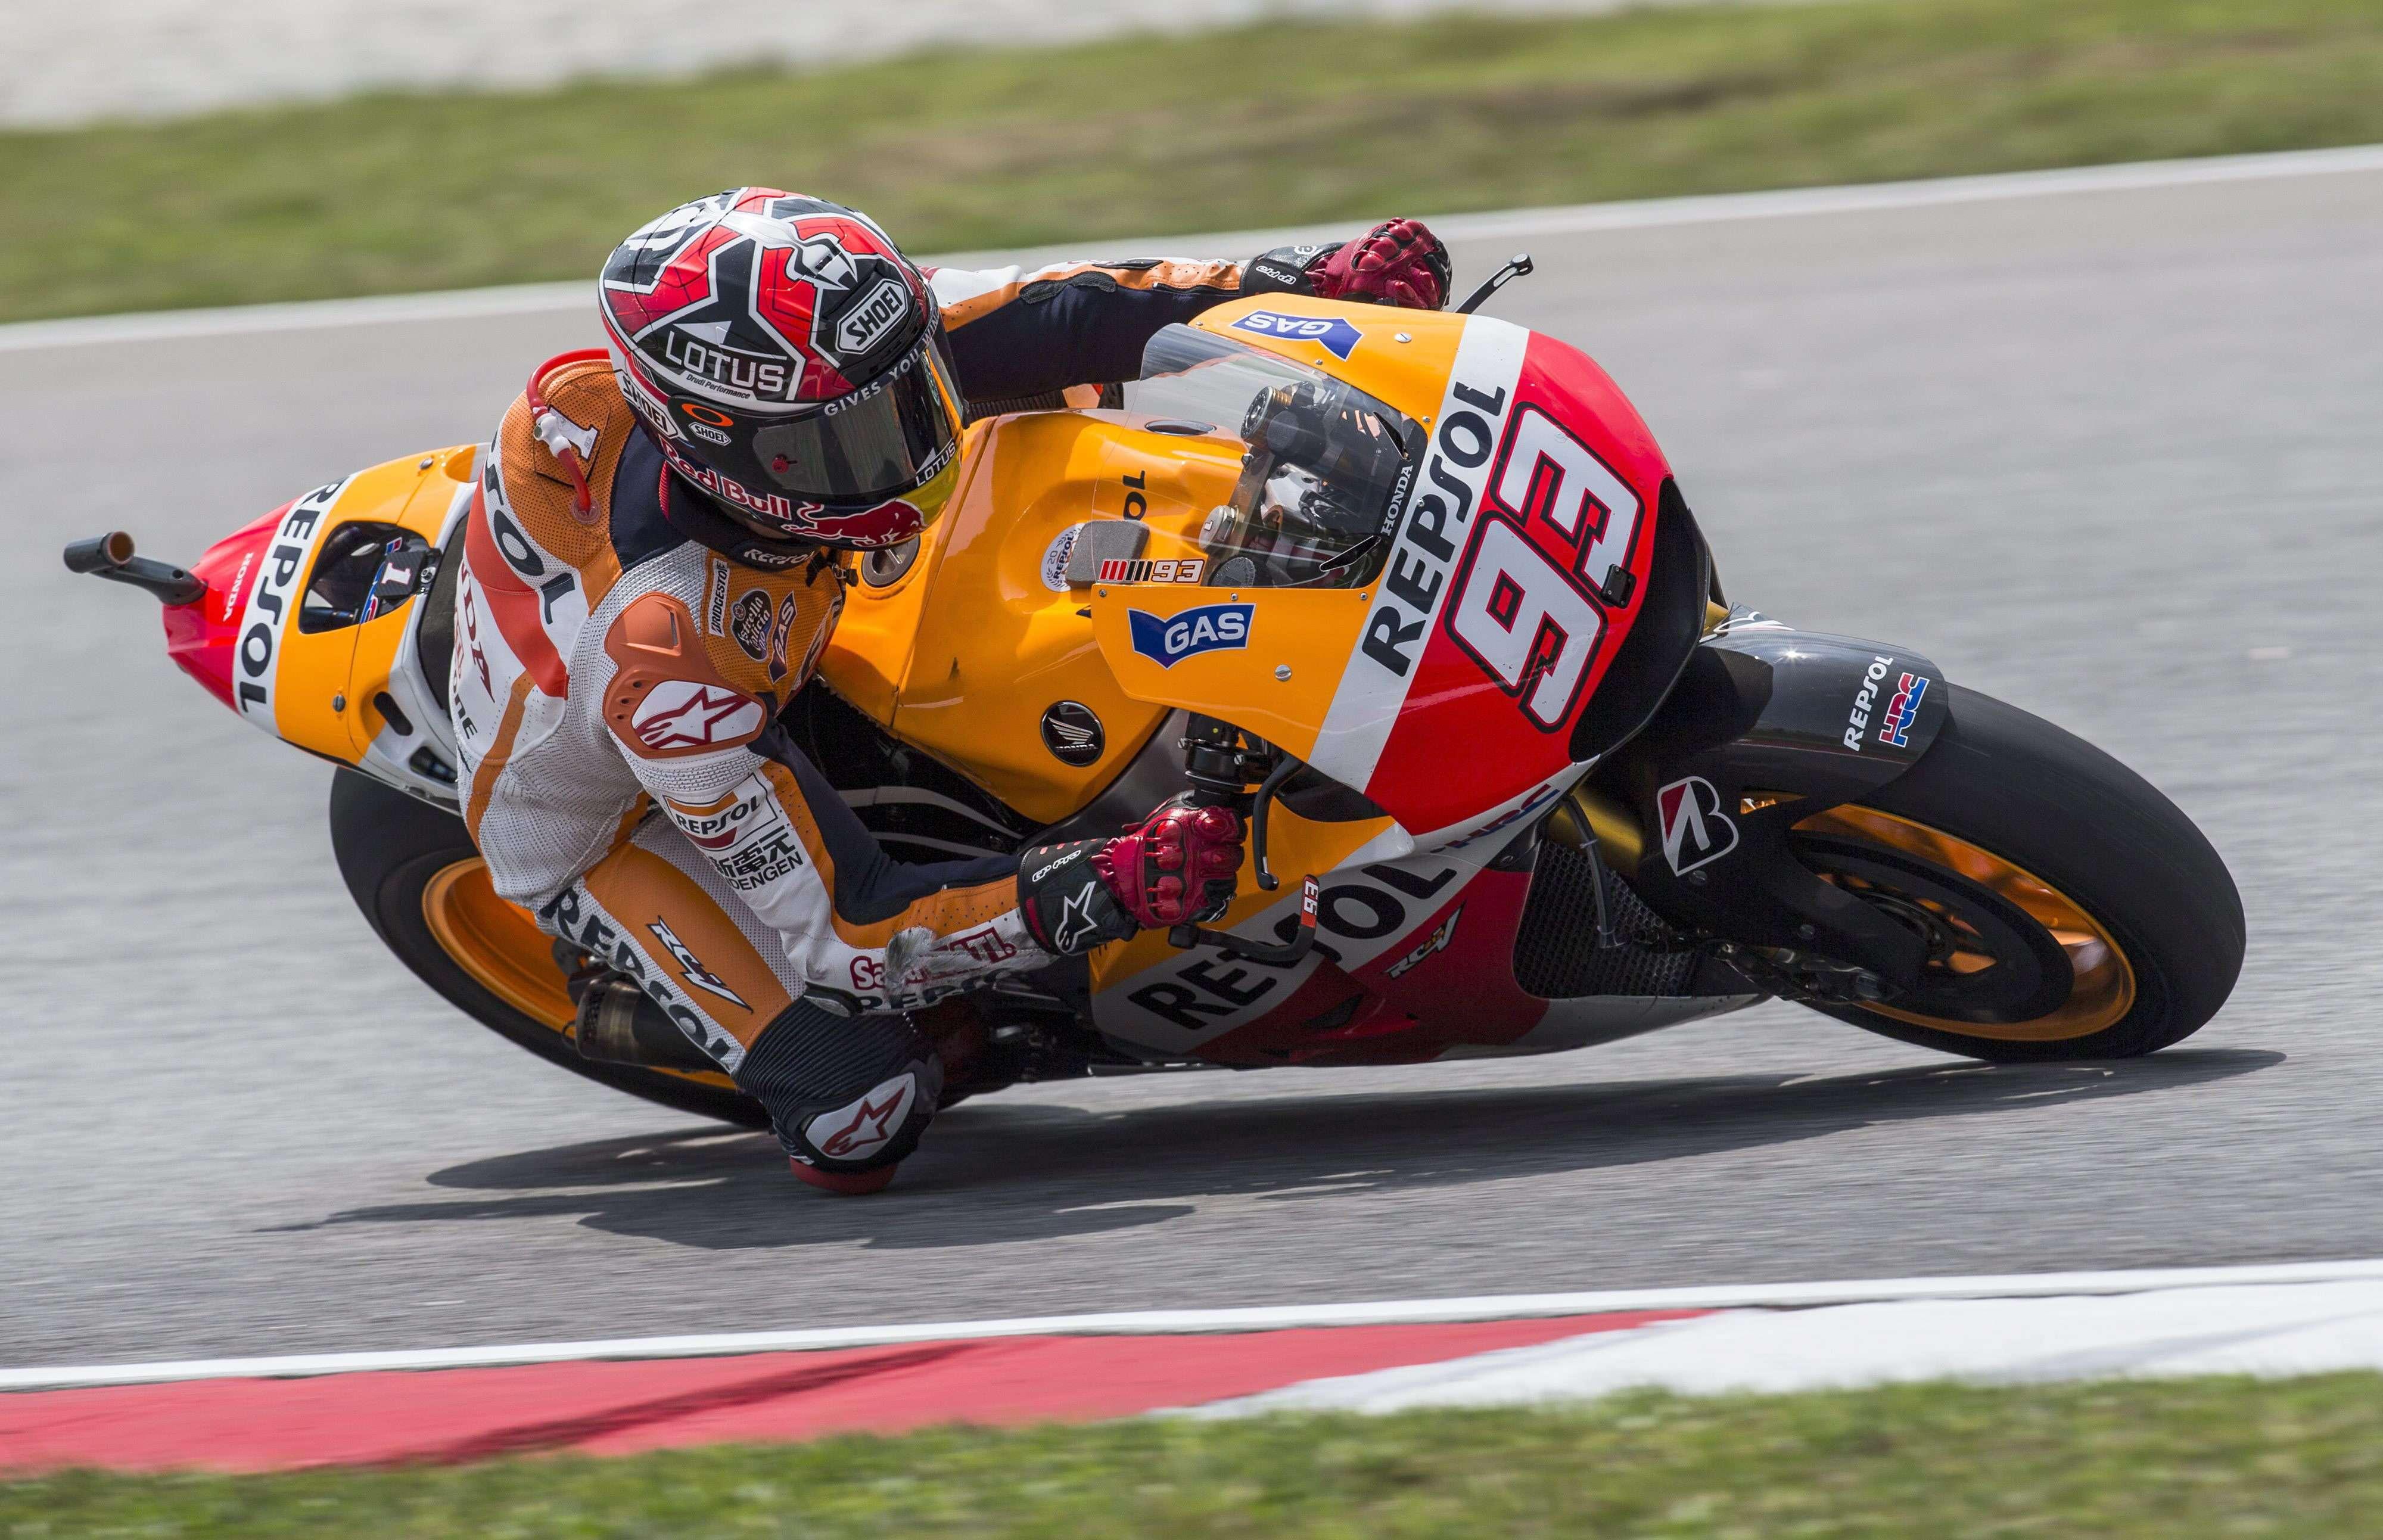 Marc Márquez en el GP de Malasia. Foto: EFE en español